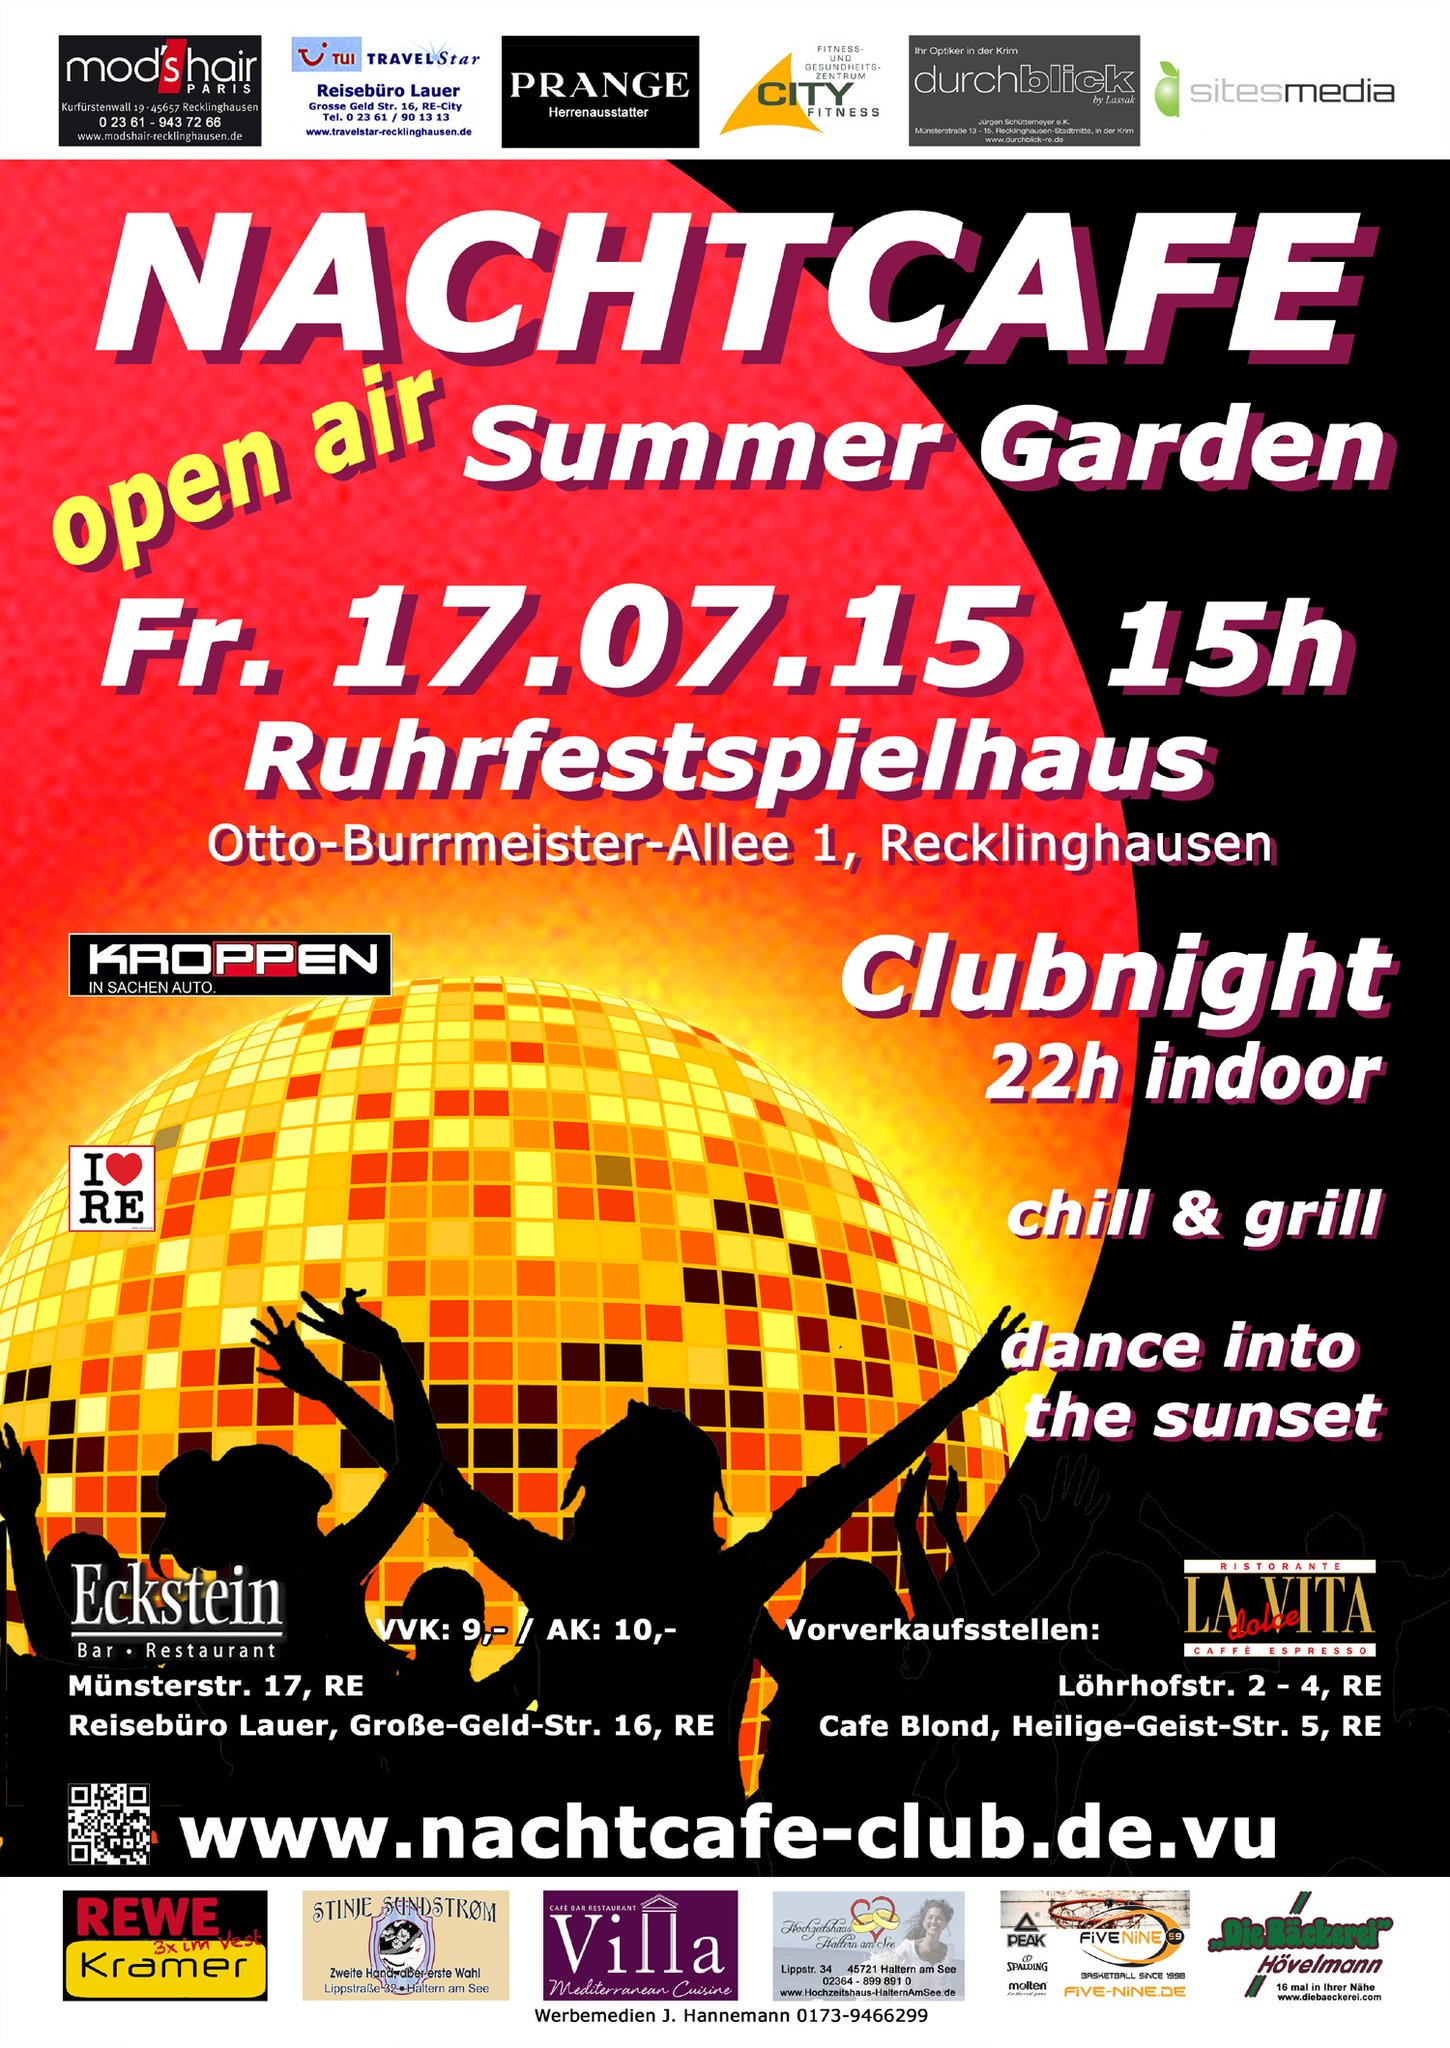 Nachtcafe Recklinghausen